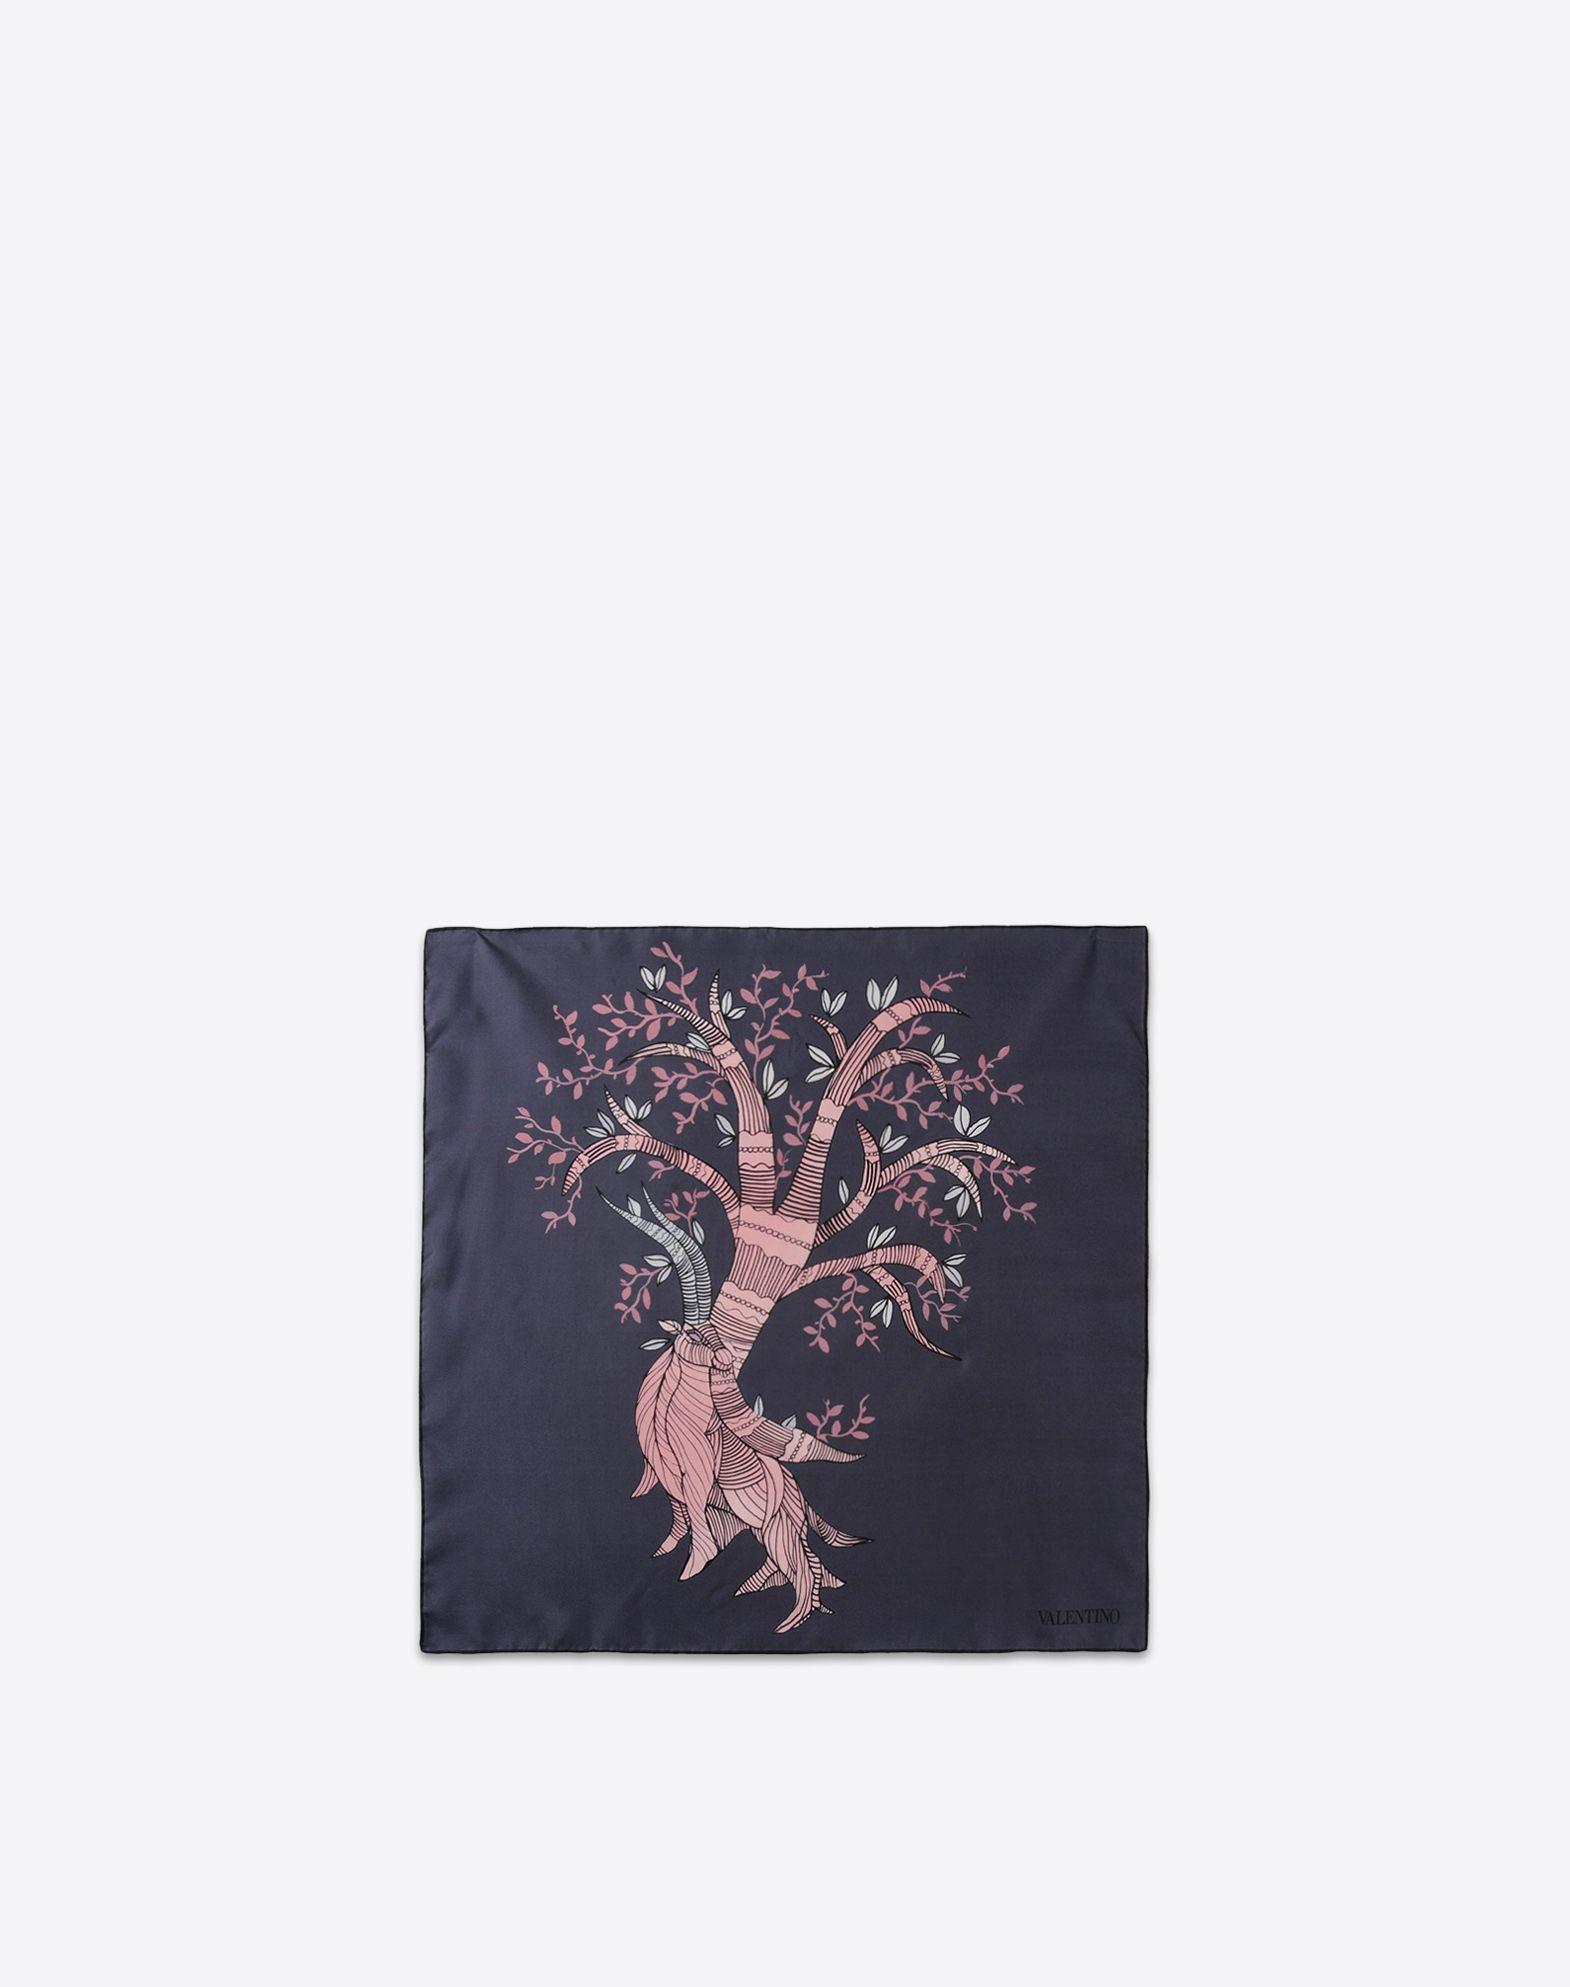 VALENTINO Logo detail Cotton twill Multicolor Pattern  46359792le